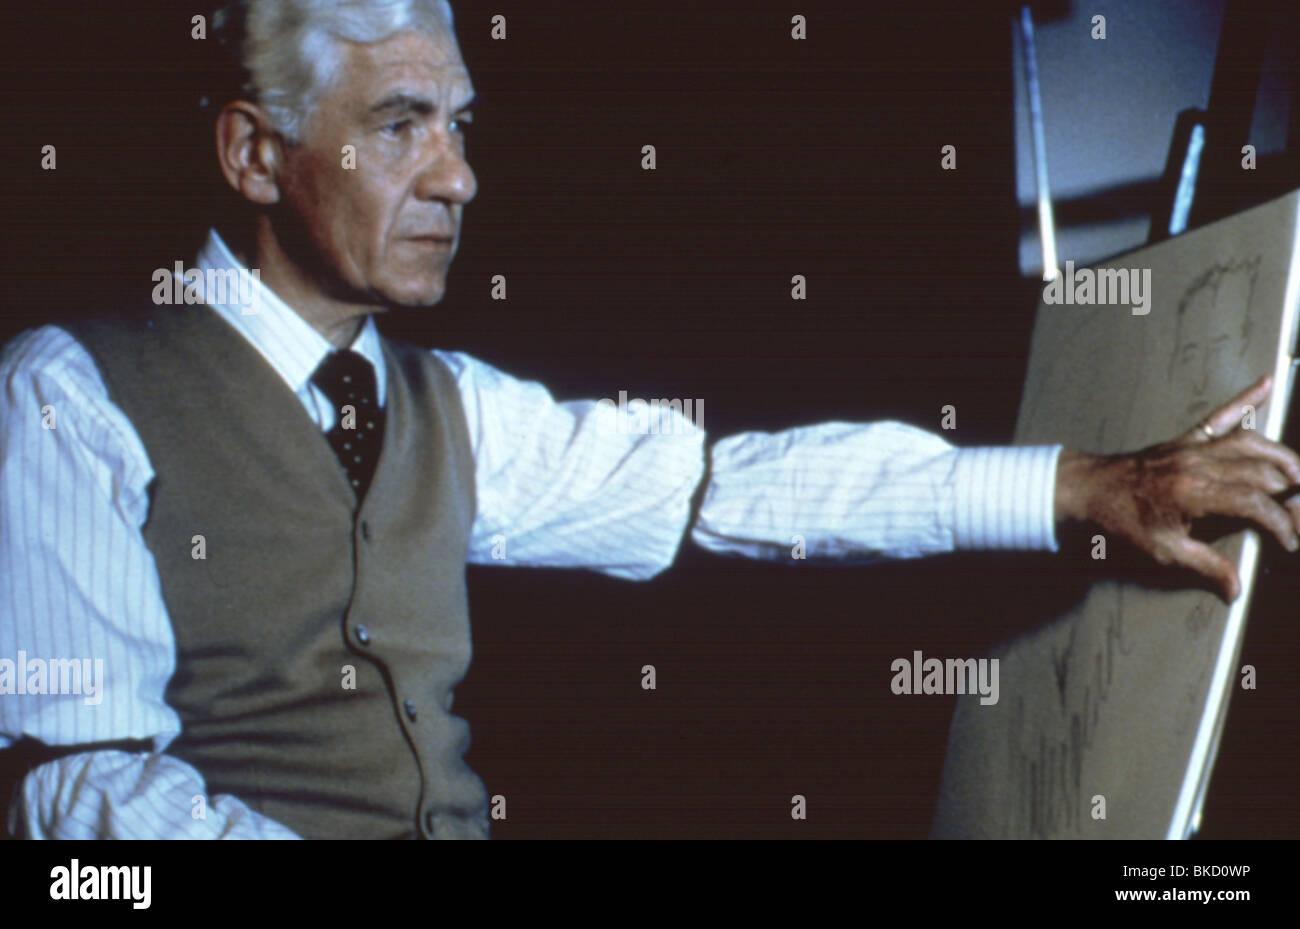 GODS AND MONSTERS (1998) THE FATHER OF FRANKENSTEIN (ALT) IAN MCKELLEN GMON 004 - Stock Image